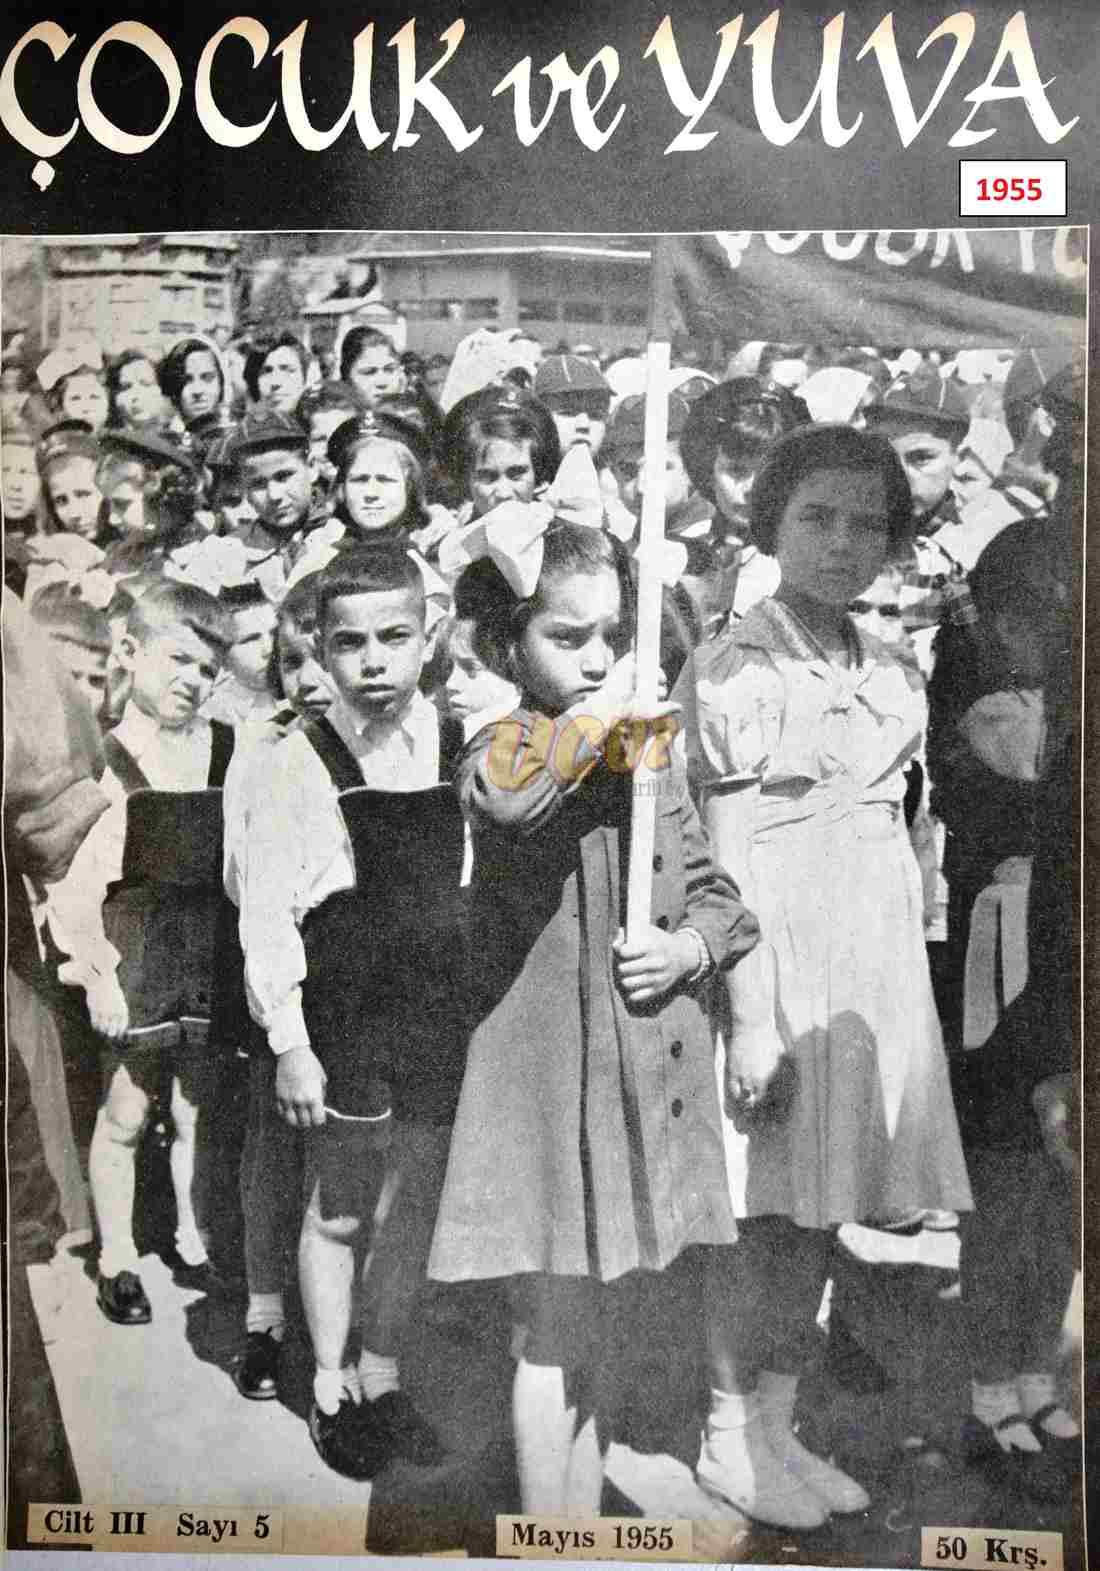 1955 çocuk ve yuva 5